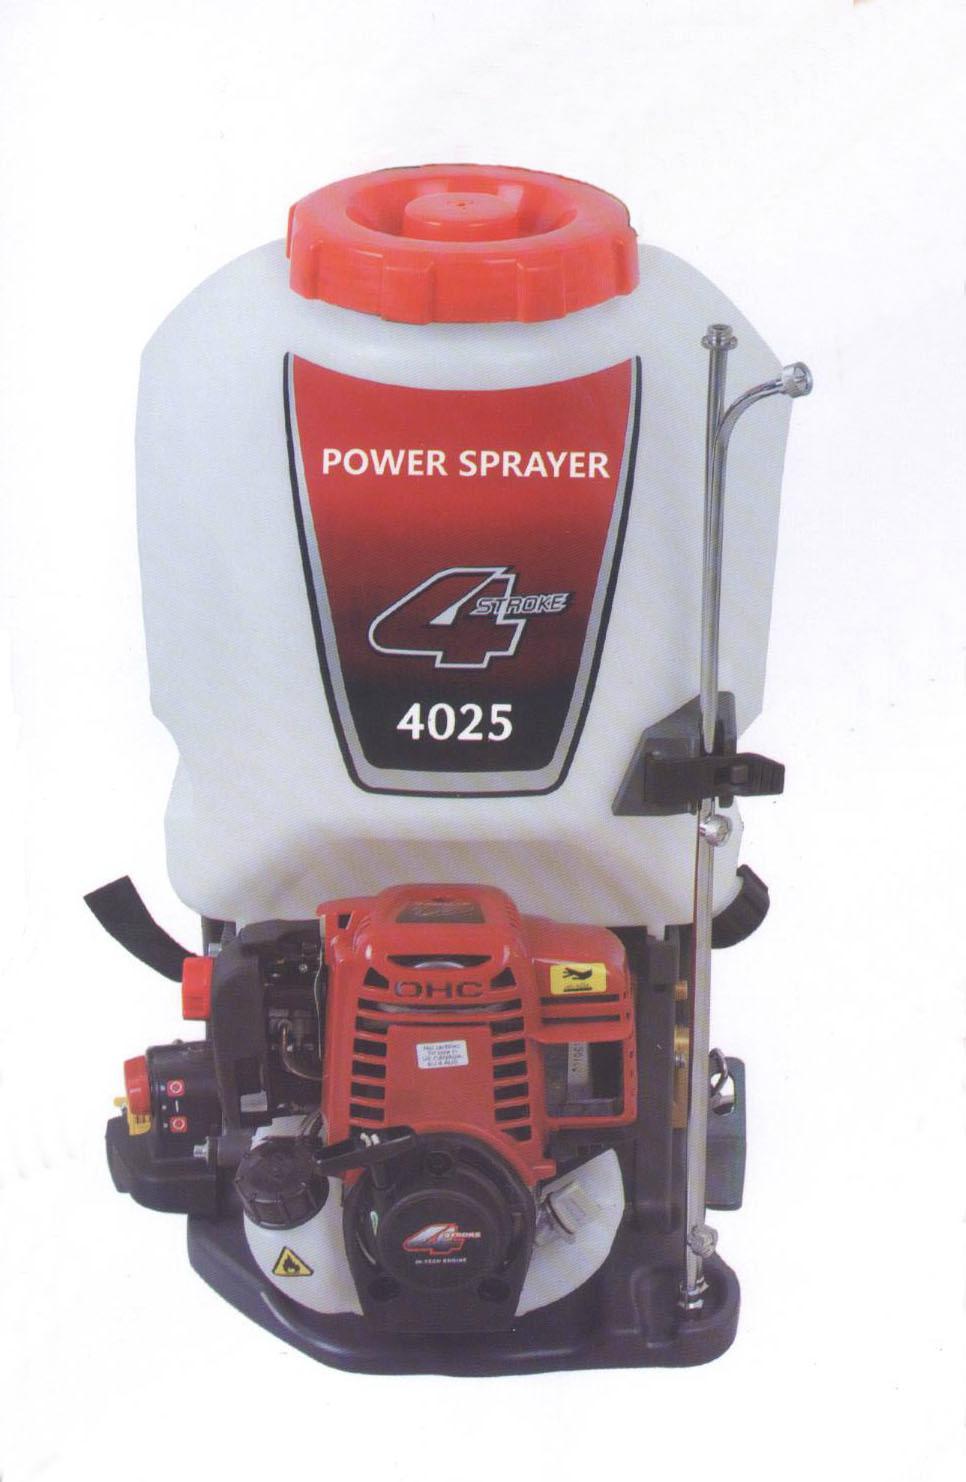 四沖程動力噴霧機DZ4025 3